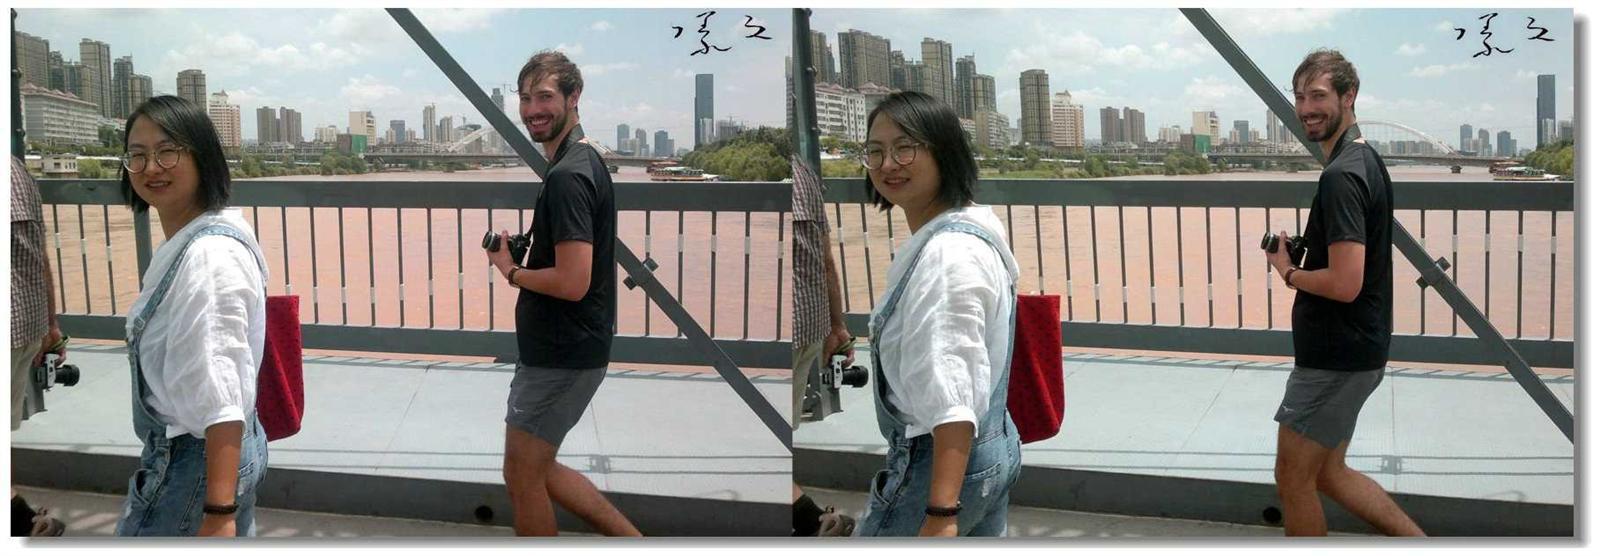 【原创】铁桥上的外国游客 -2